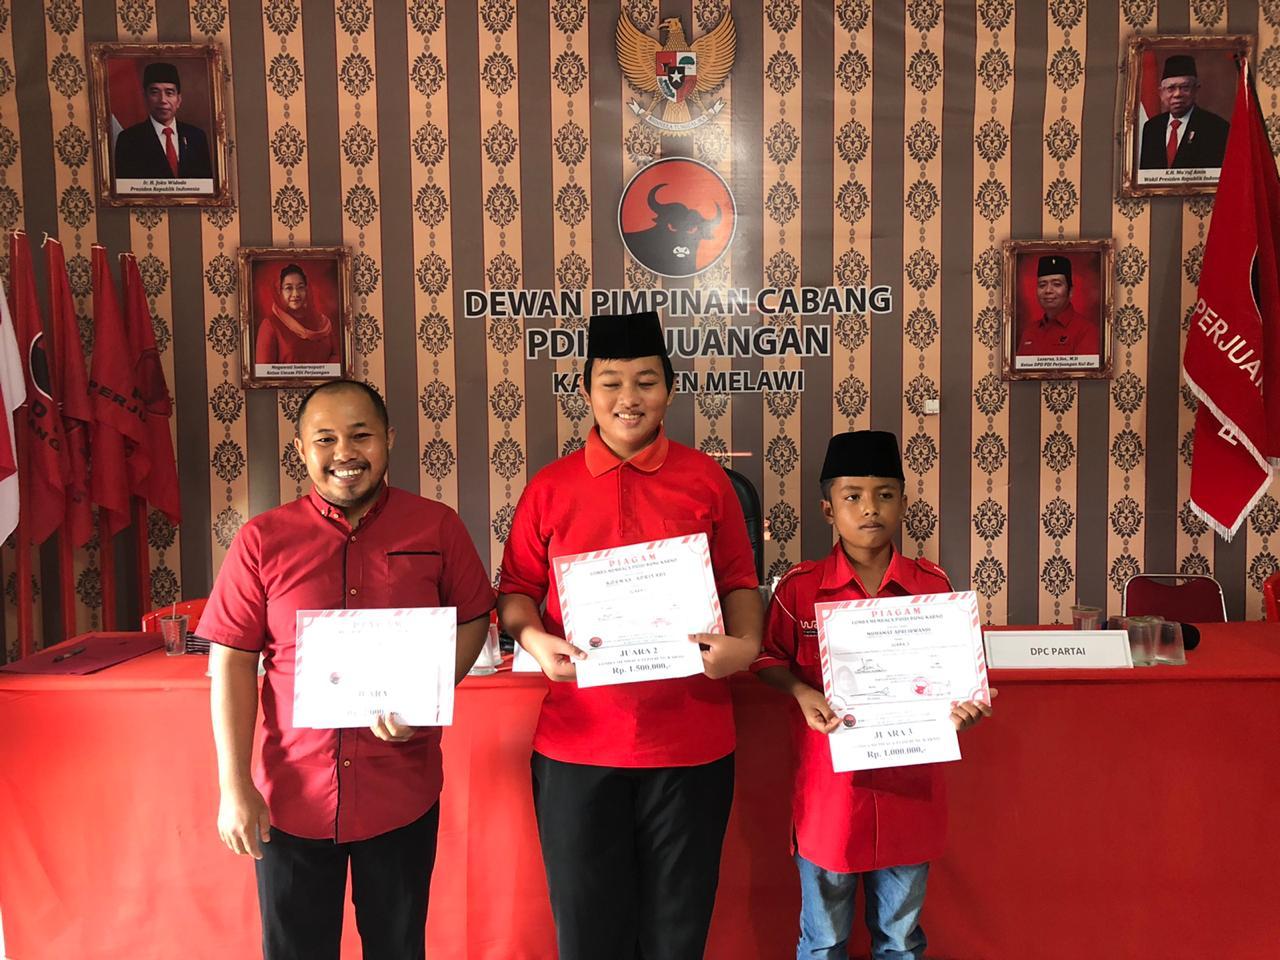 PDIP Melawi Bagikan Hadiah ke Pemenang Lomba Video Puisi Bung Karno